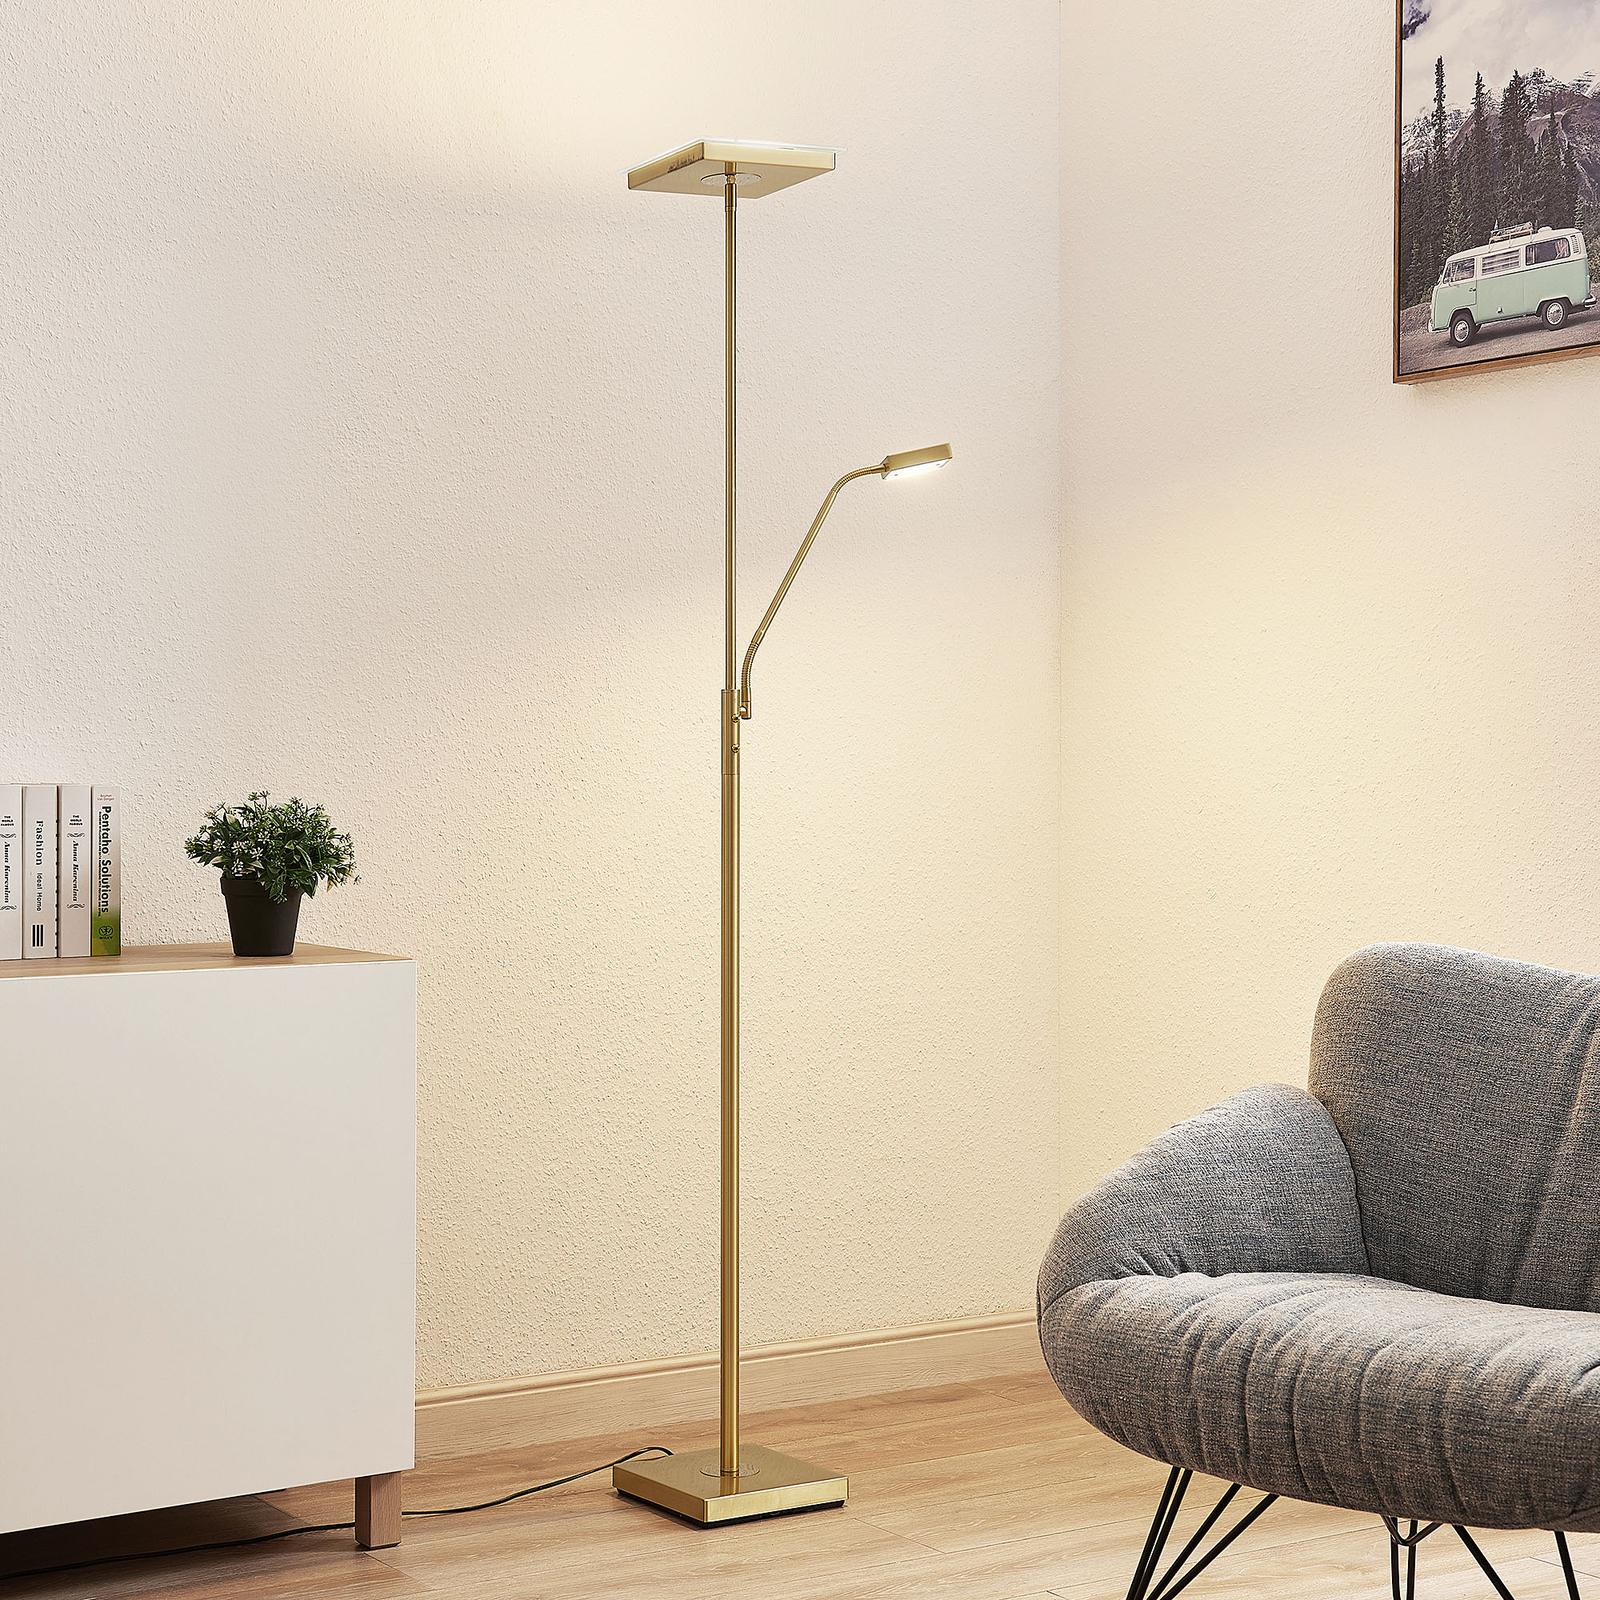 Lindby Sumani lampa stojąca LED, kątowa, mosiądz